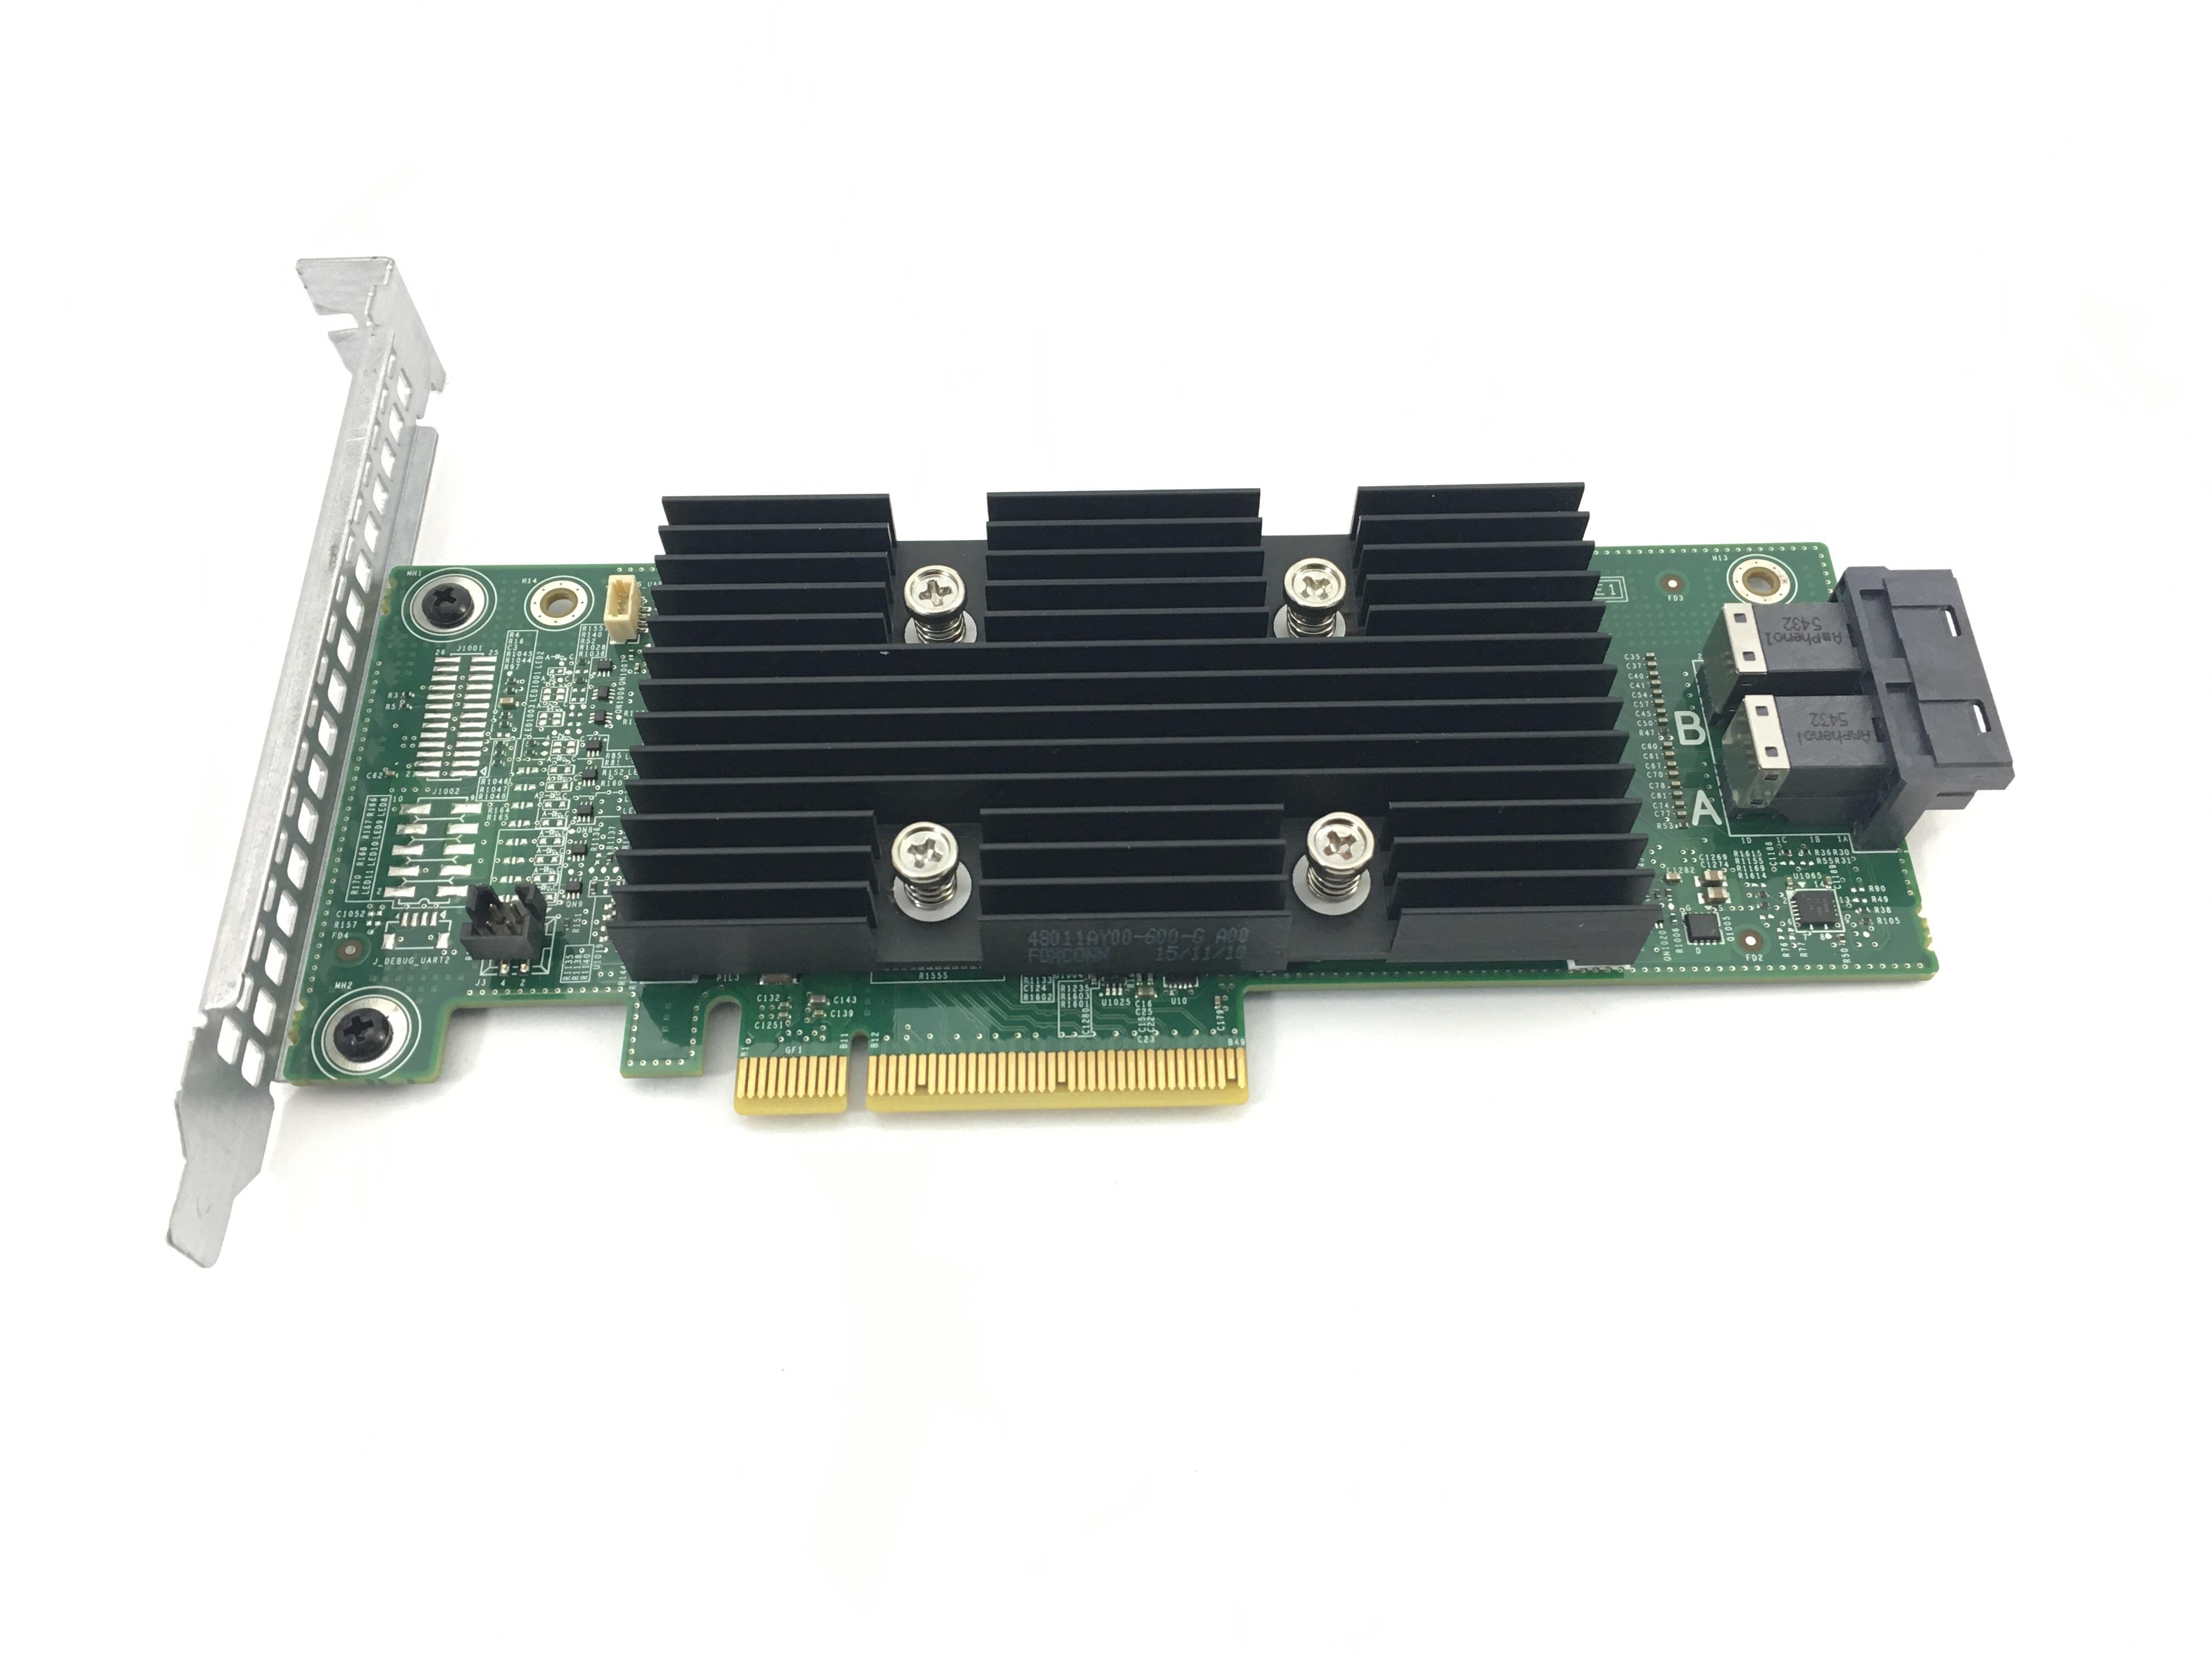 Dell Perc H330 Adapter 12Gbps SAS 6Gbps SATA PCI-E Raid Controller Card (0PCV7)